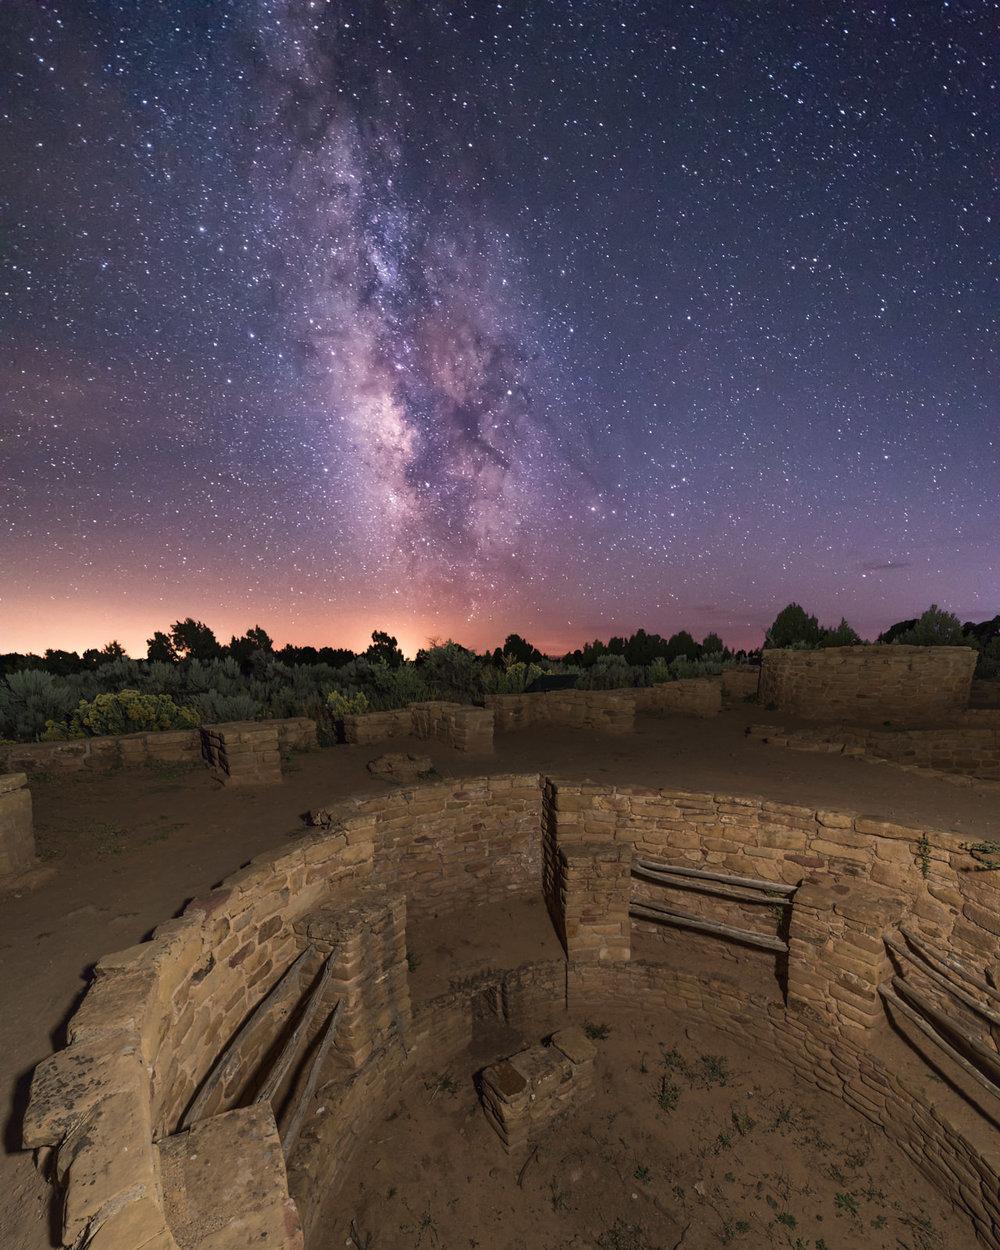 Coyote Village & The Milky Way